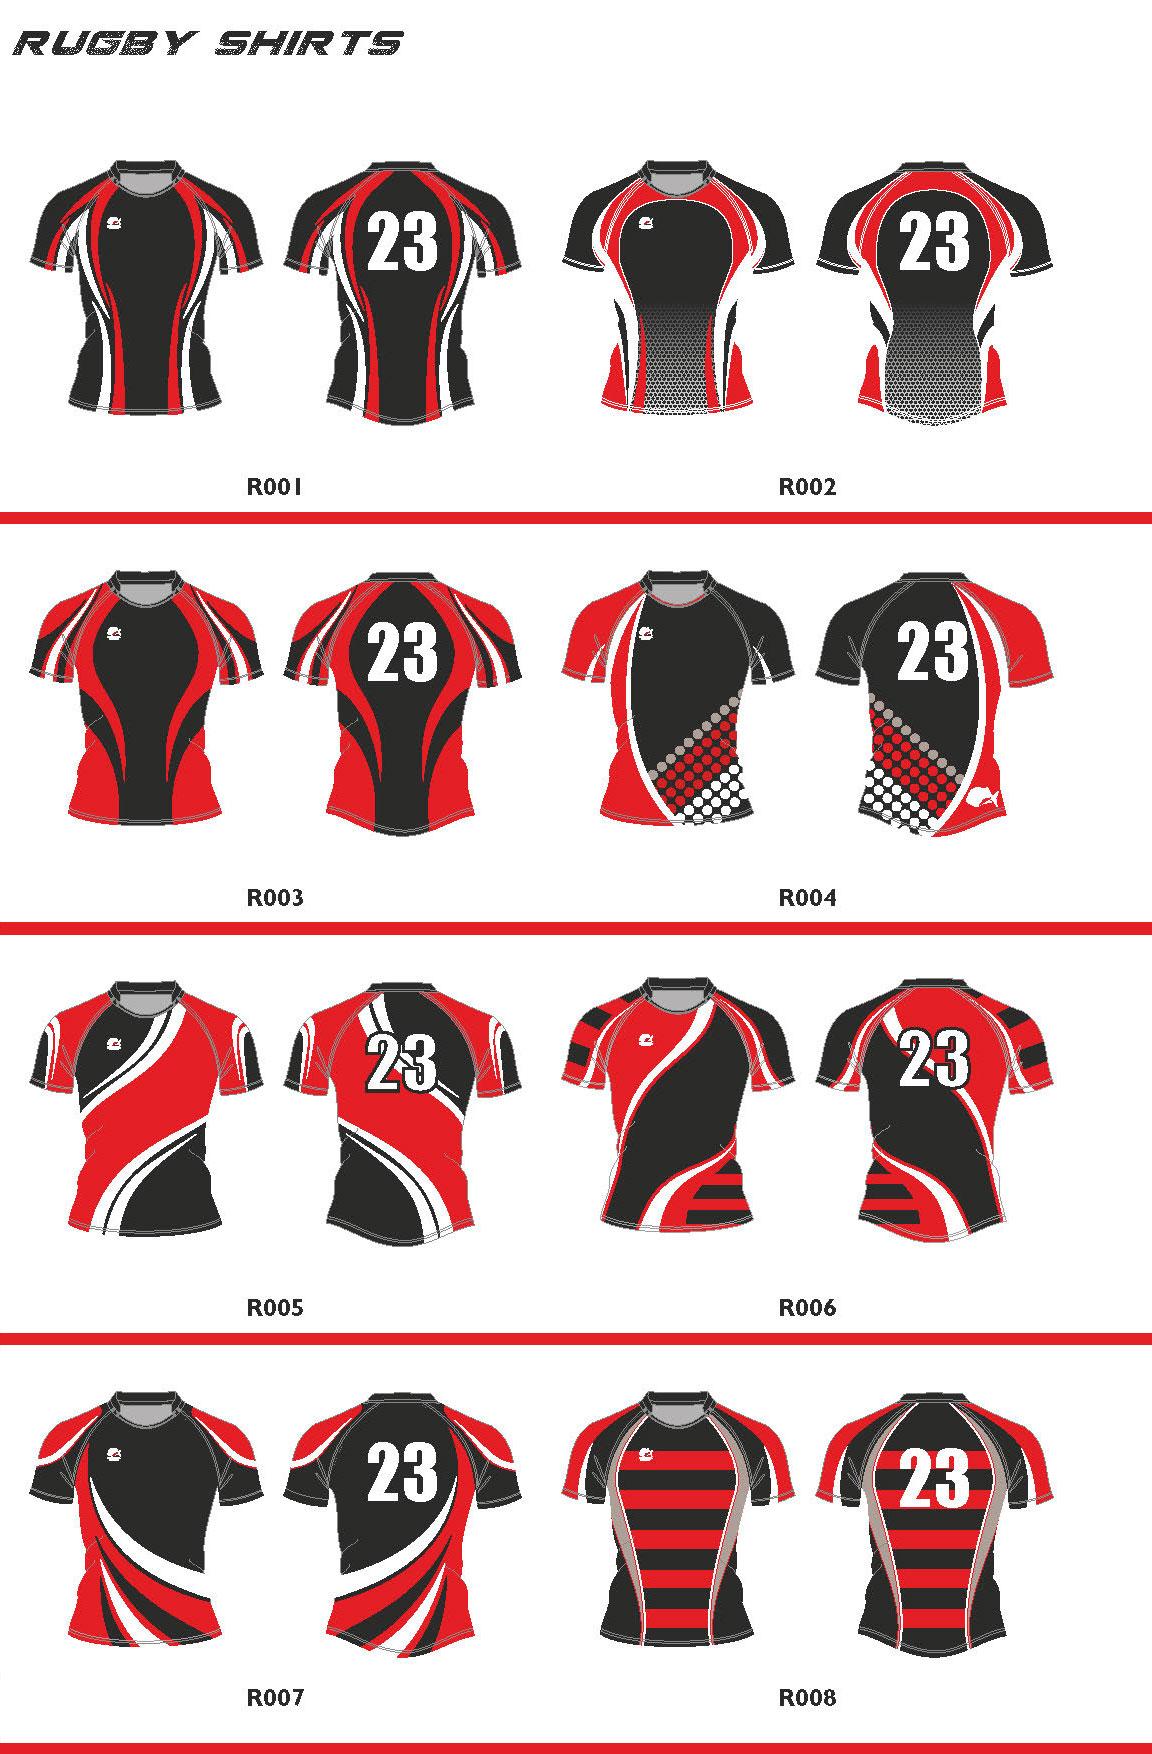 Piranha Rugby Wear